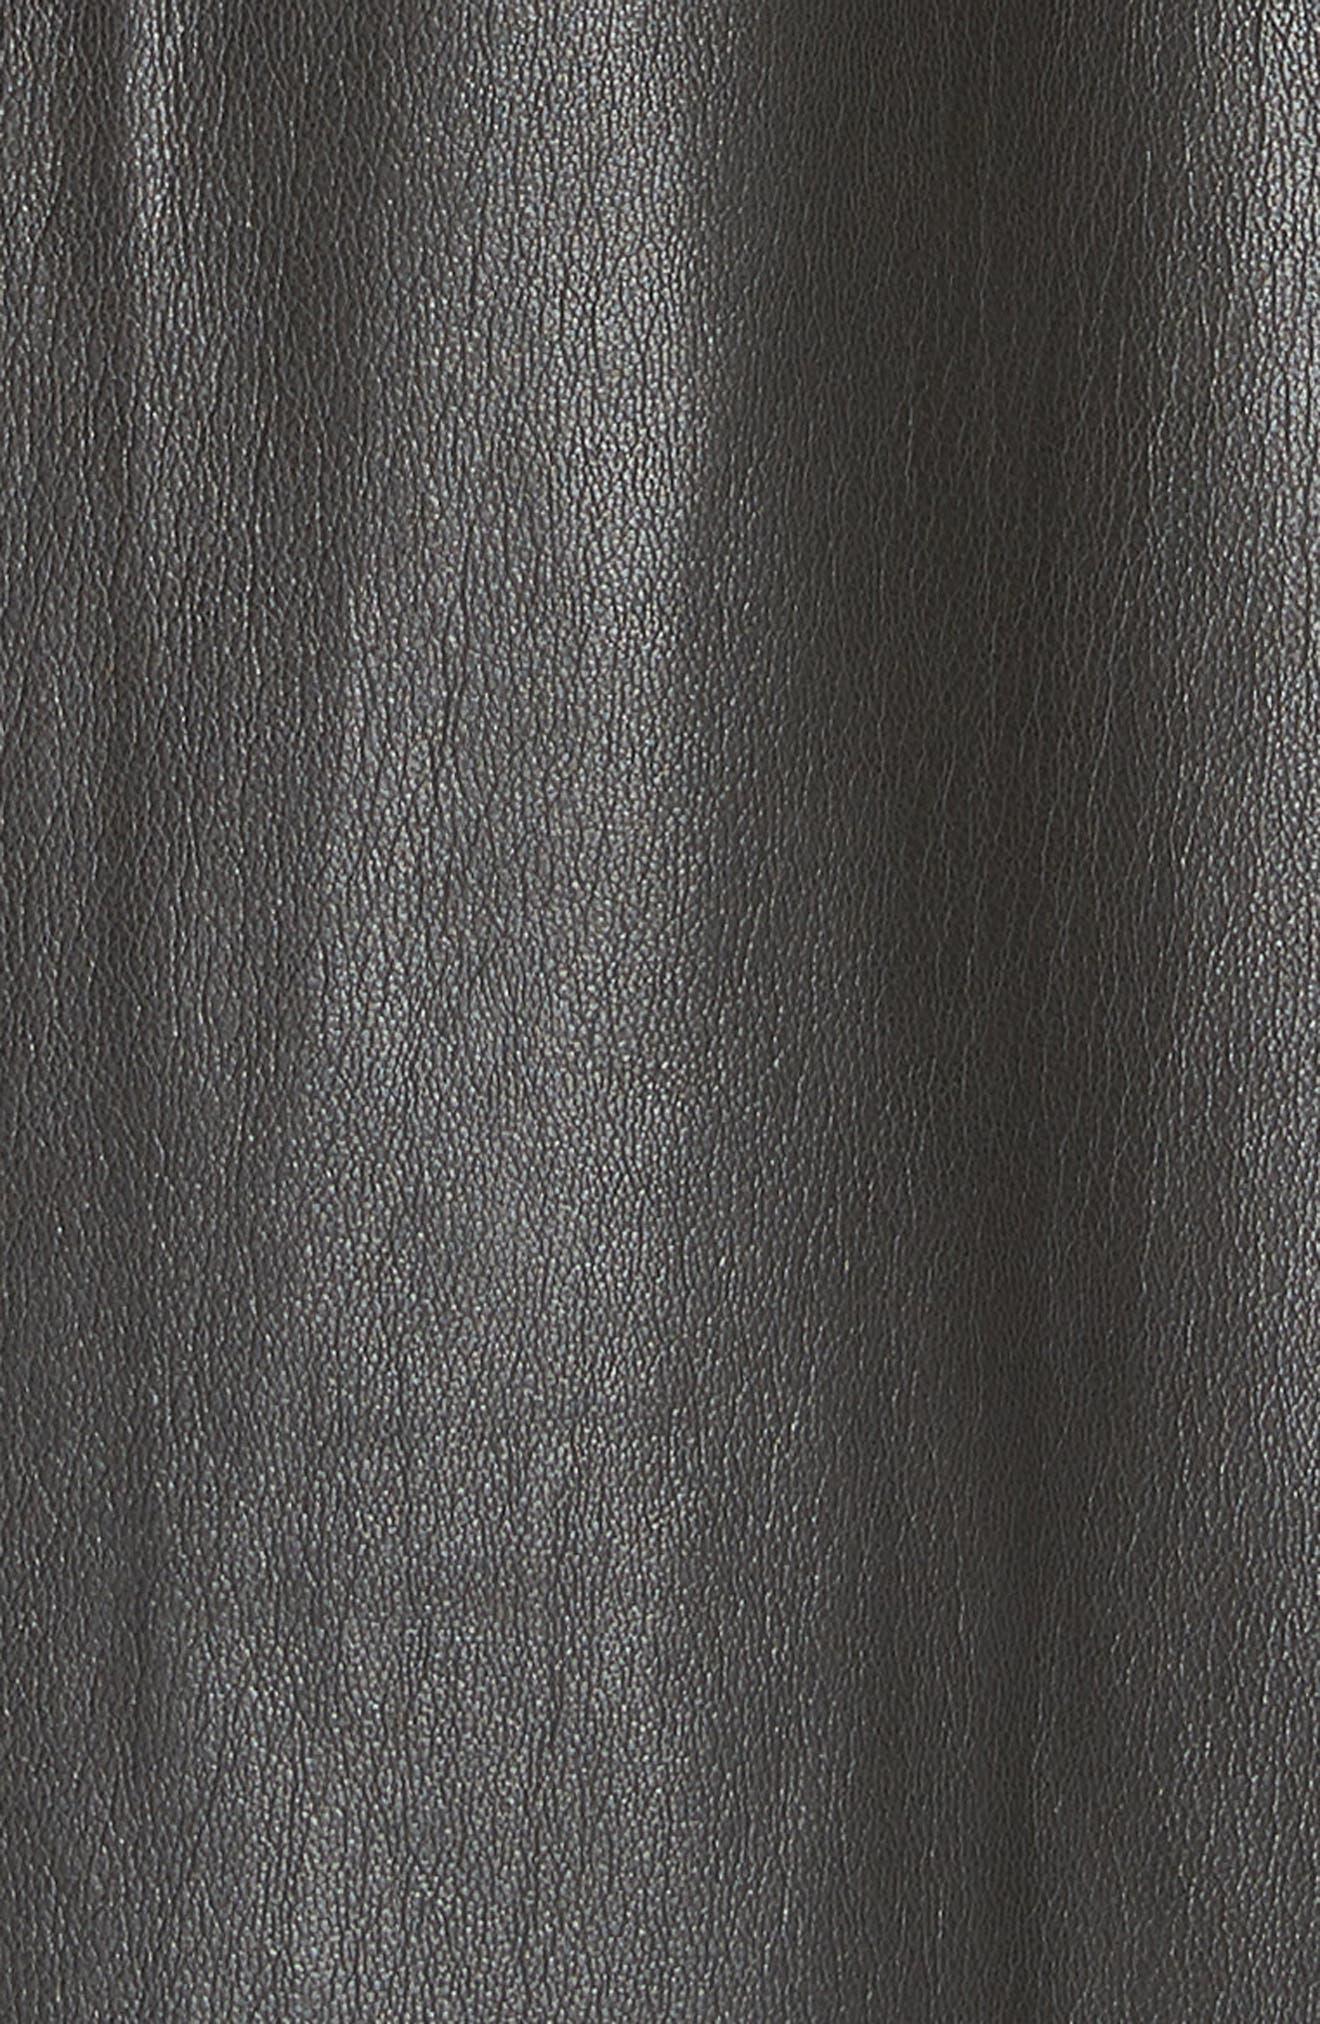 Penelope Faux Leather Wrap Dress,                             Alternate thumbnail 5, color,                             001